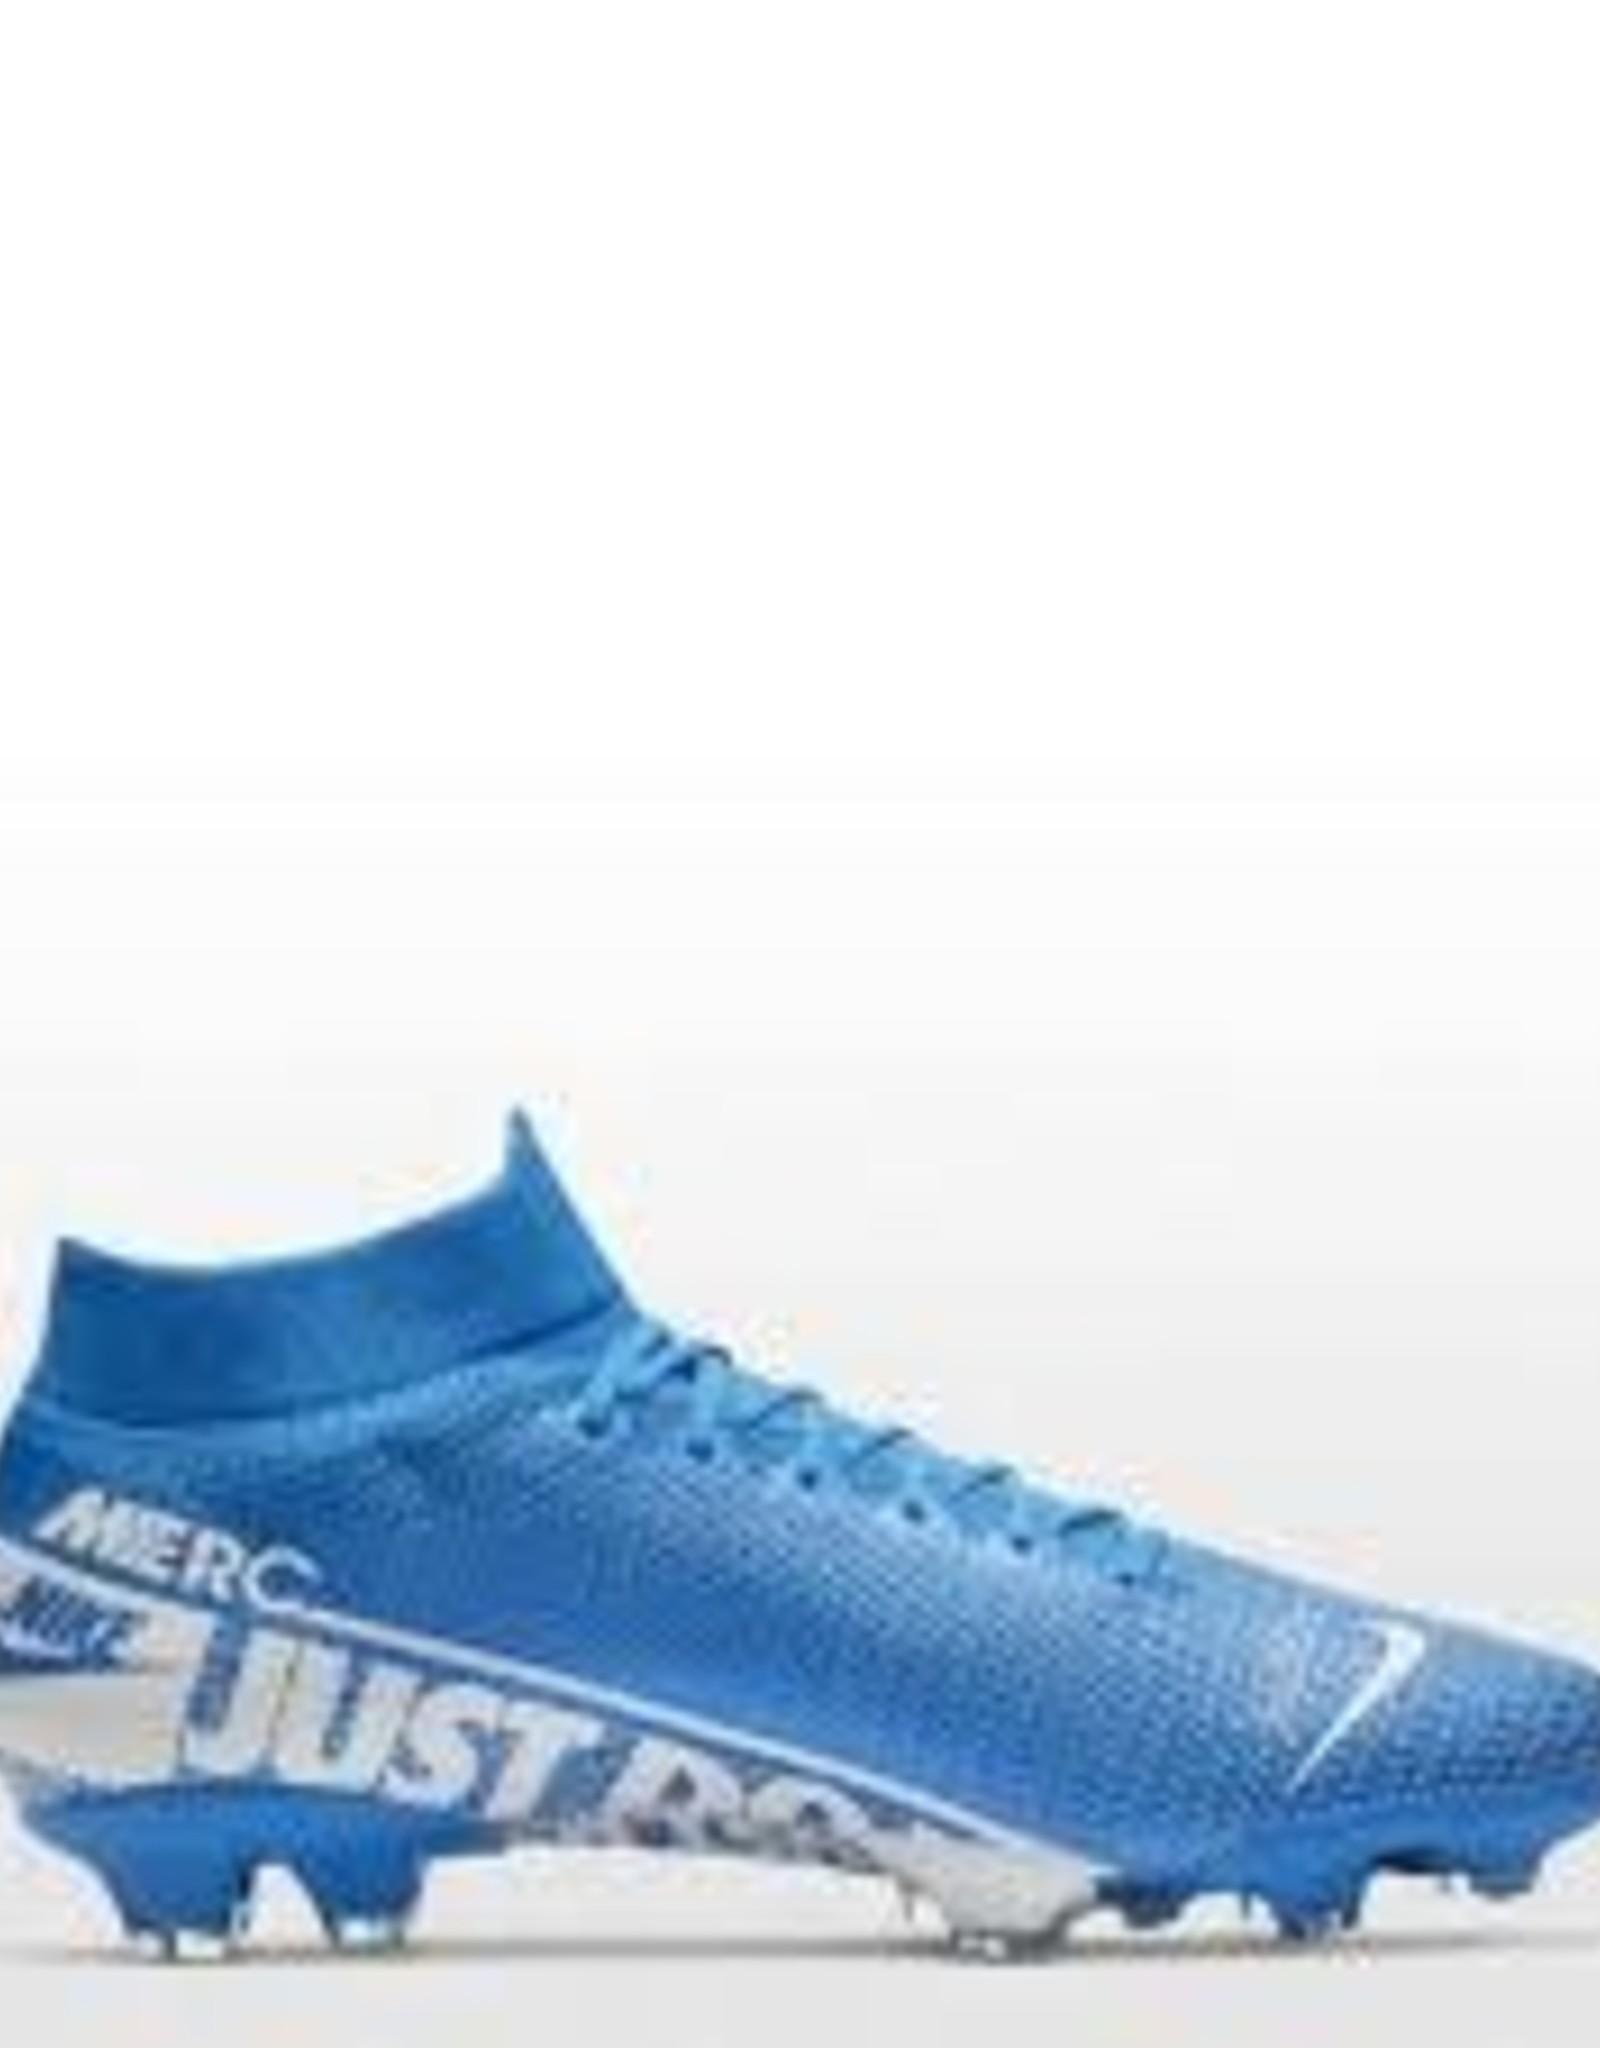 Nike Nike FG Superfly 7 Pro